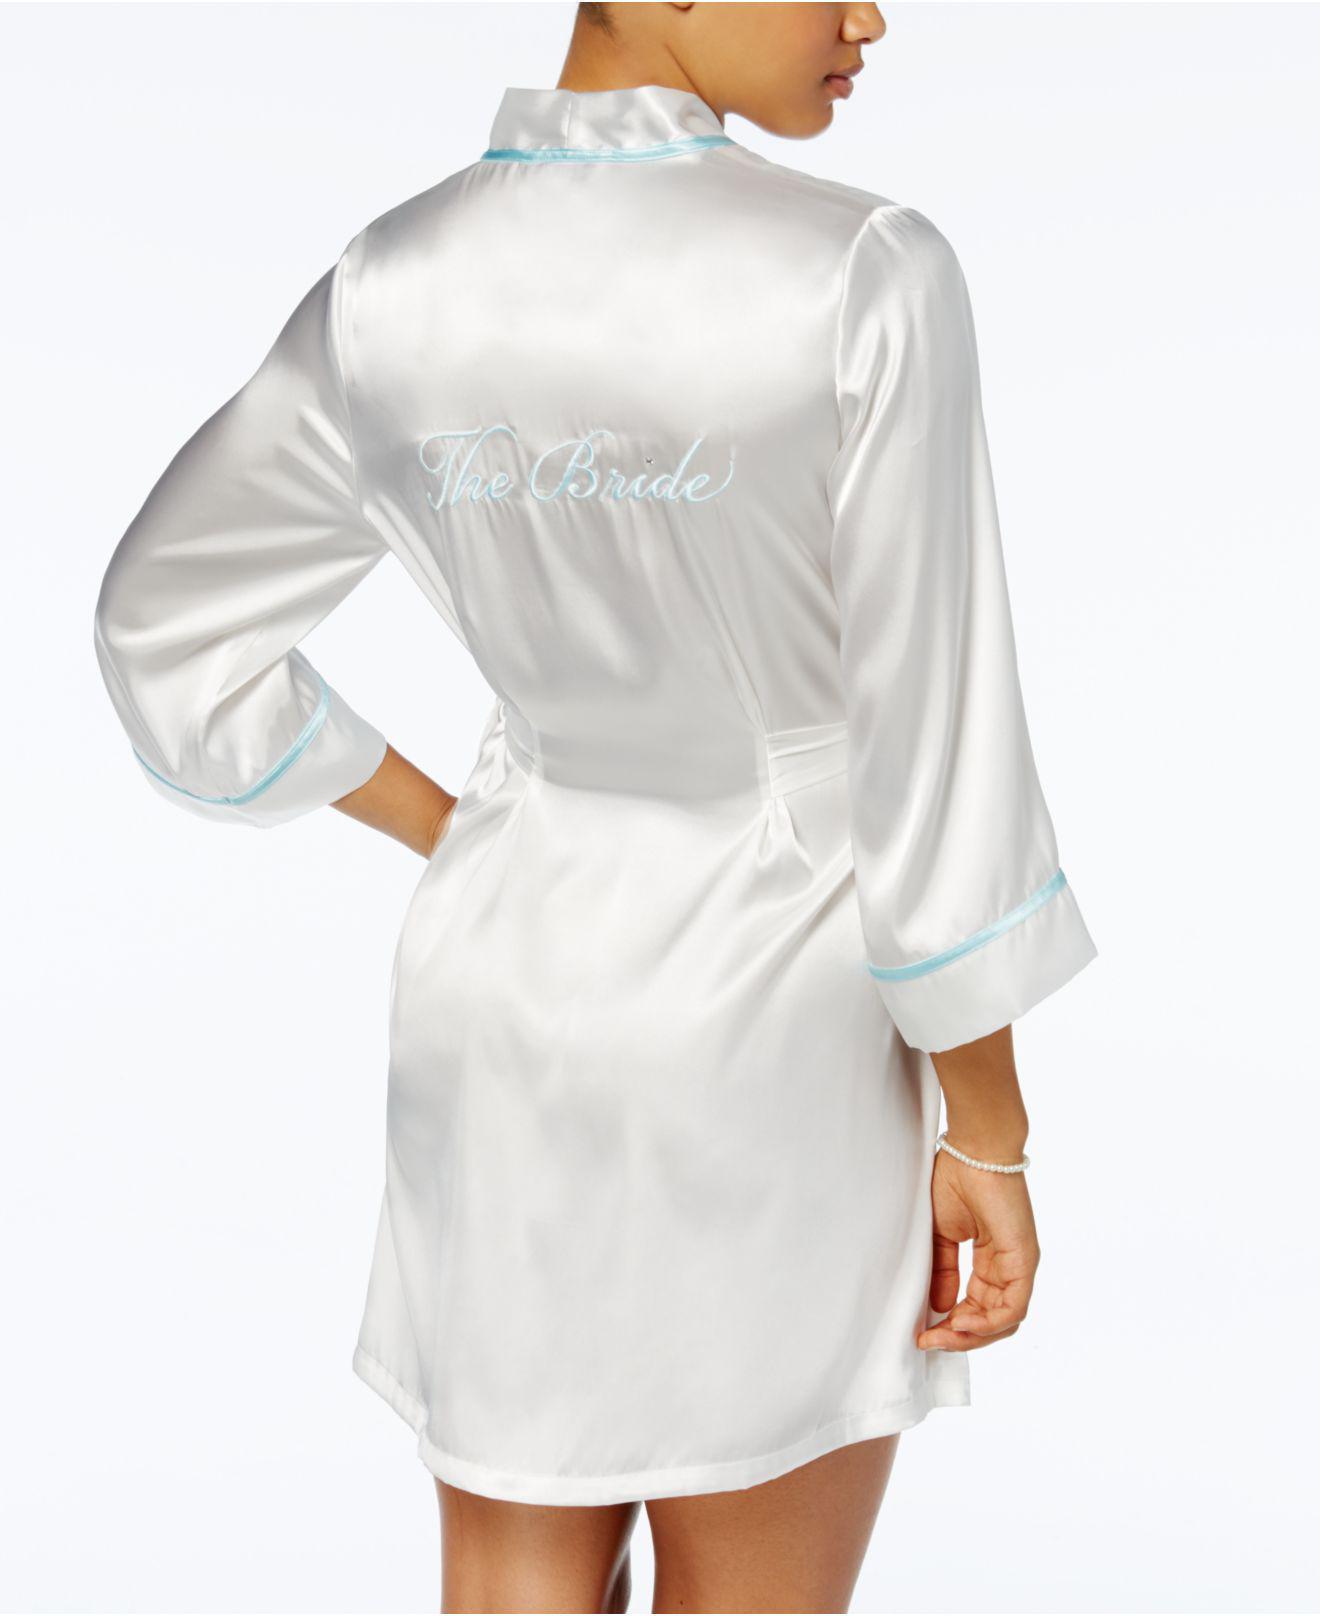 73d4fdc93d Lyst - Linea Donatella Satin The Bride Wrap in Metallic